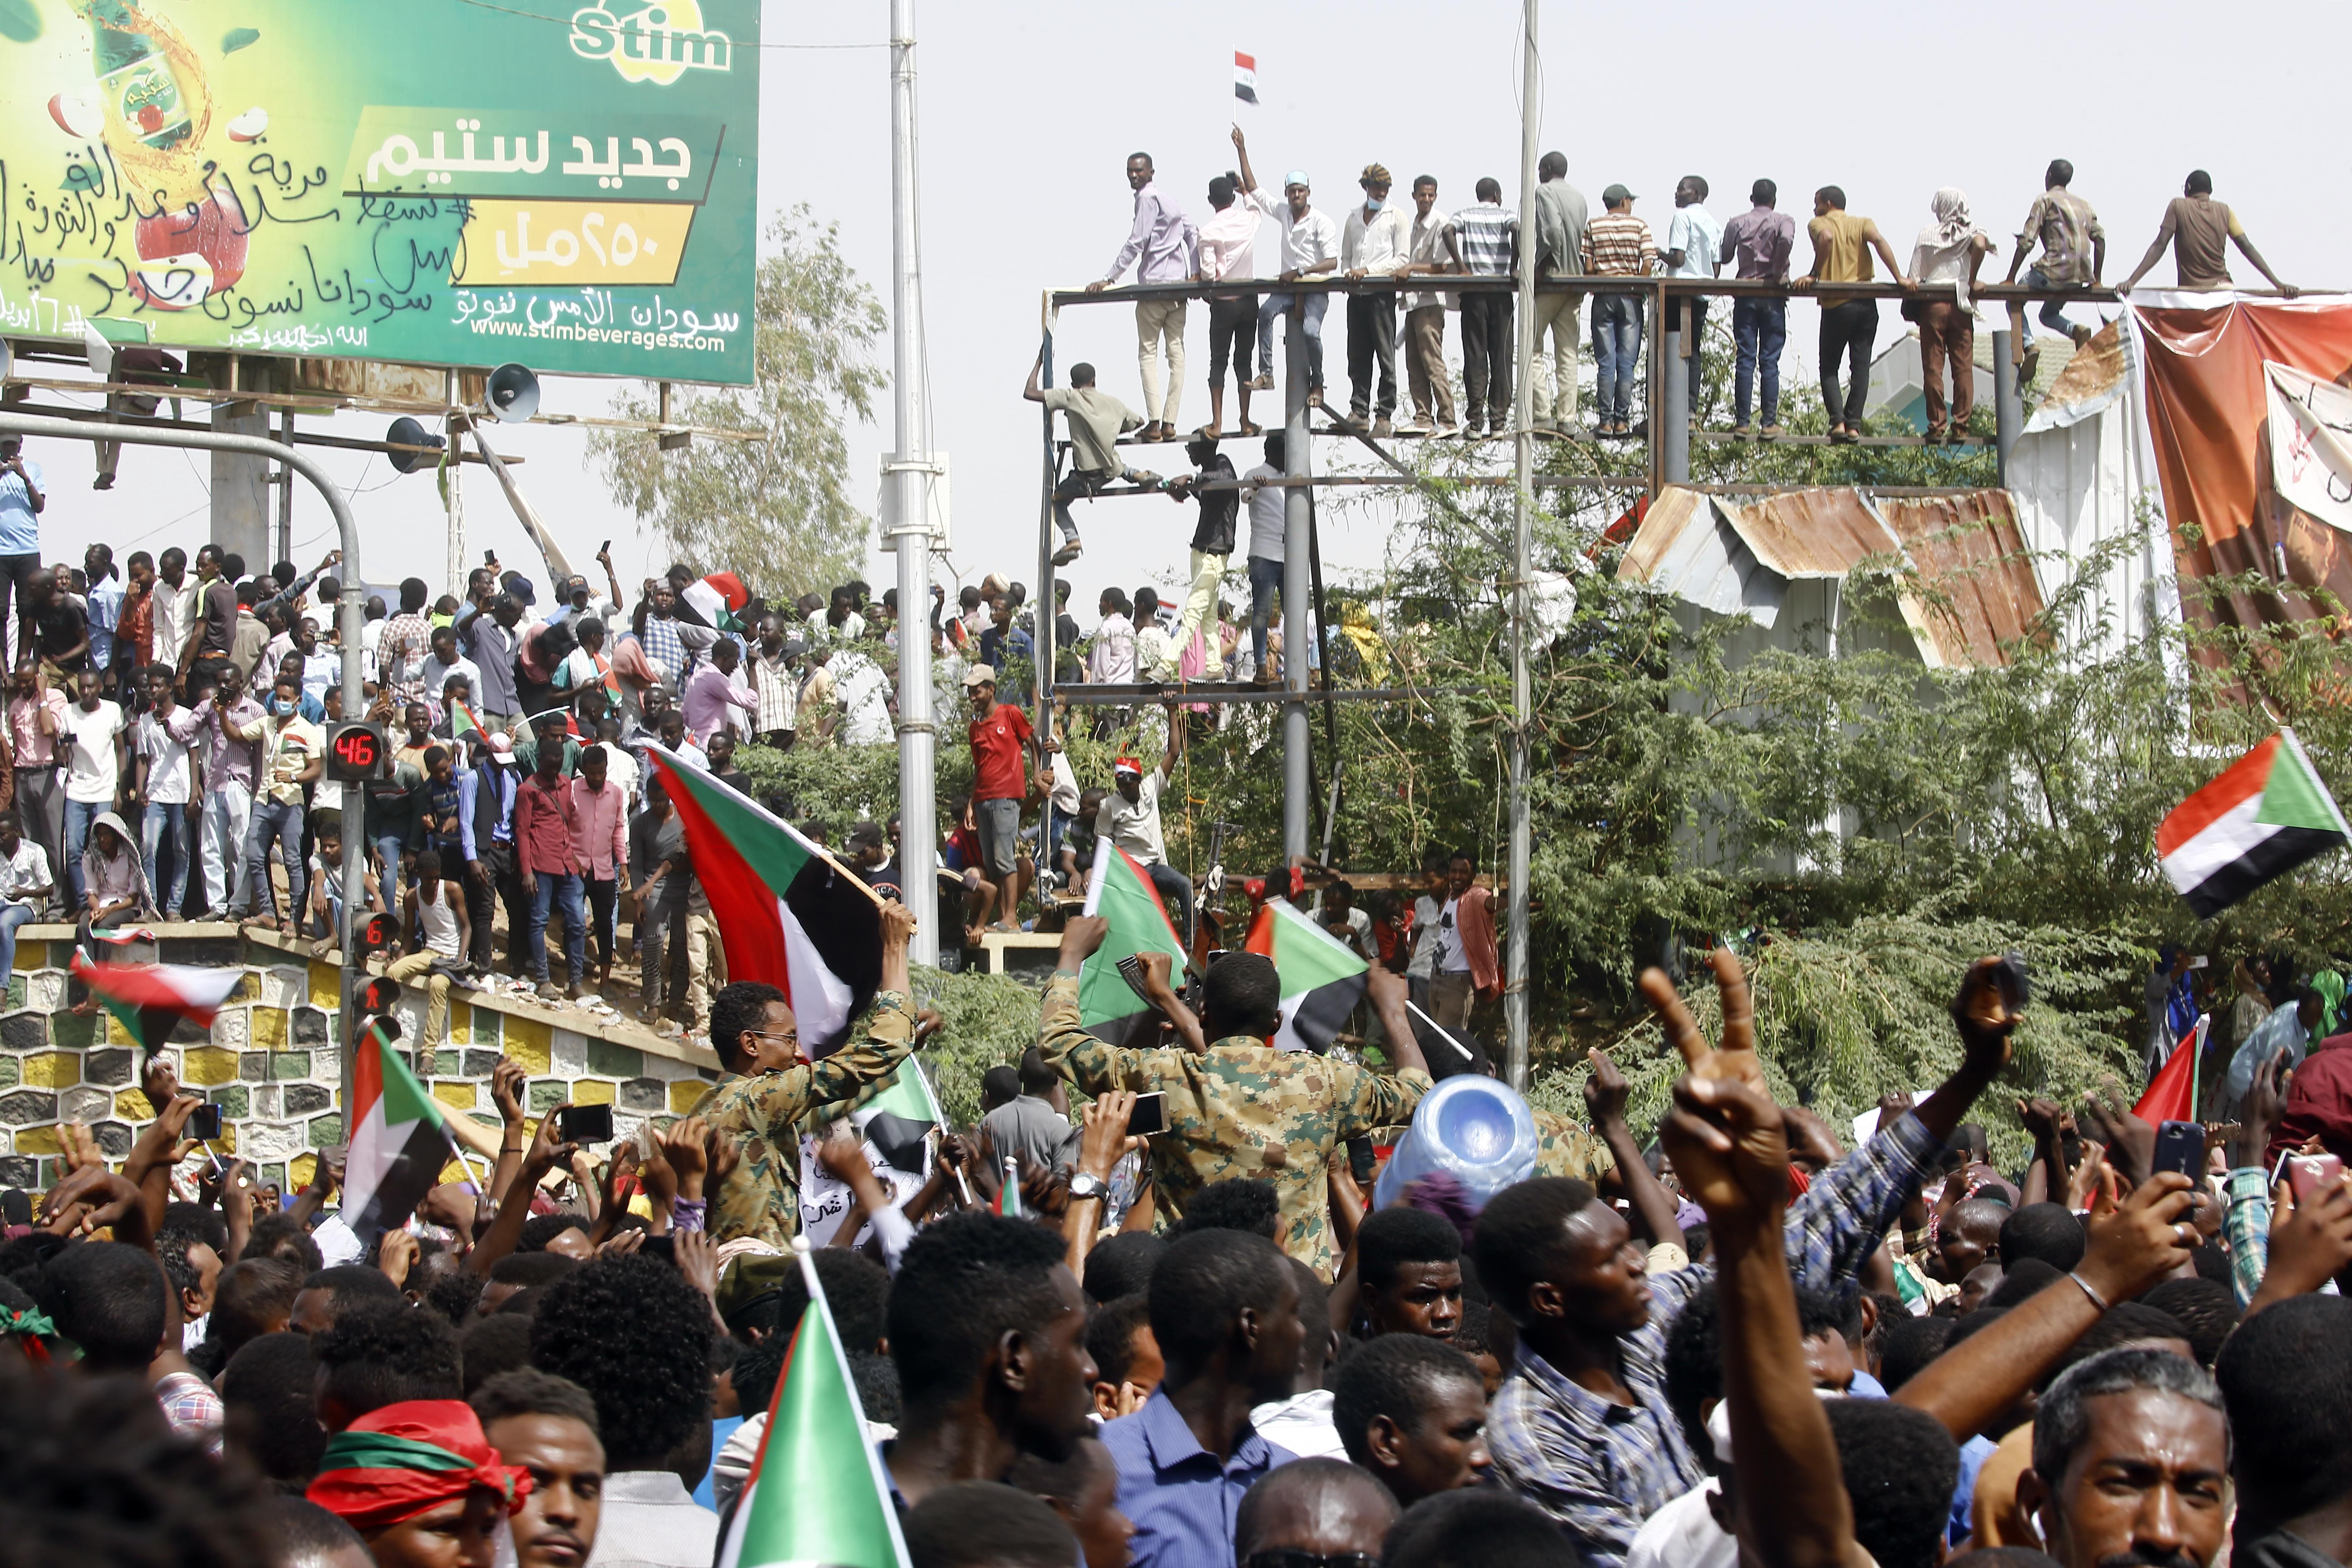 مواطنون سودانيون في أحد شوارع الخرطوم بعد إعلان خلع البشير